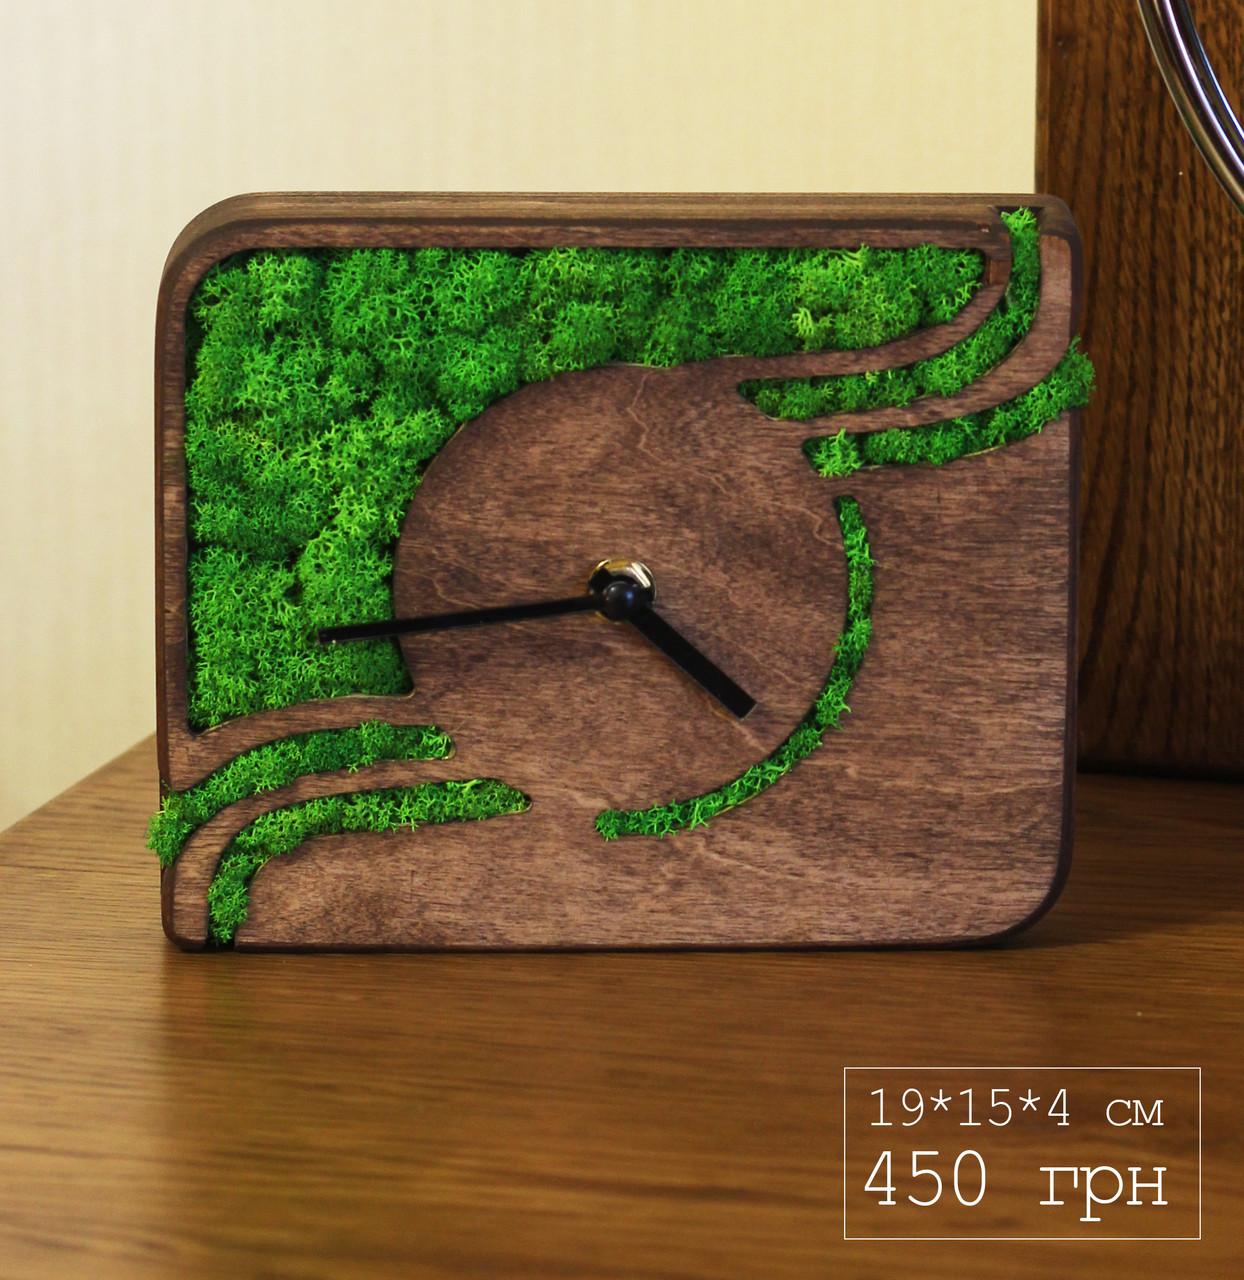 Часы дизайнерские с мхом и фанеры (19*15*4 см)